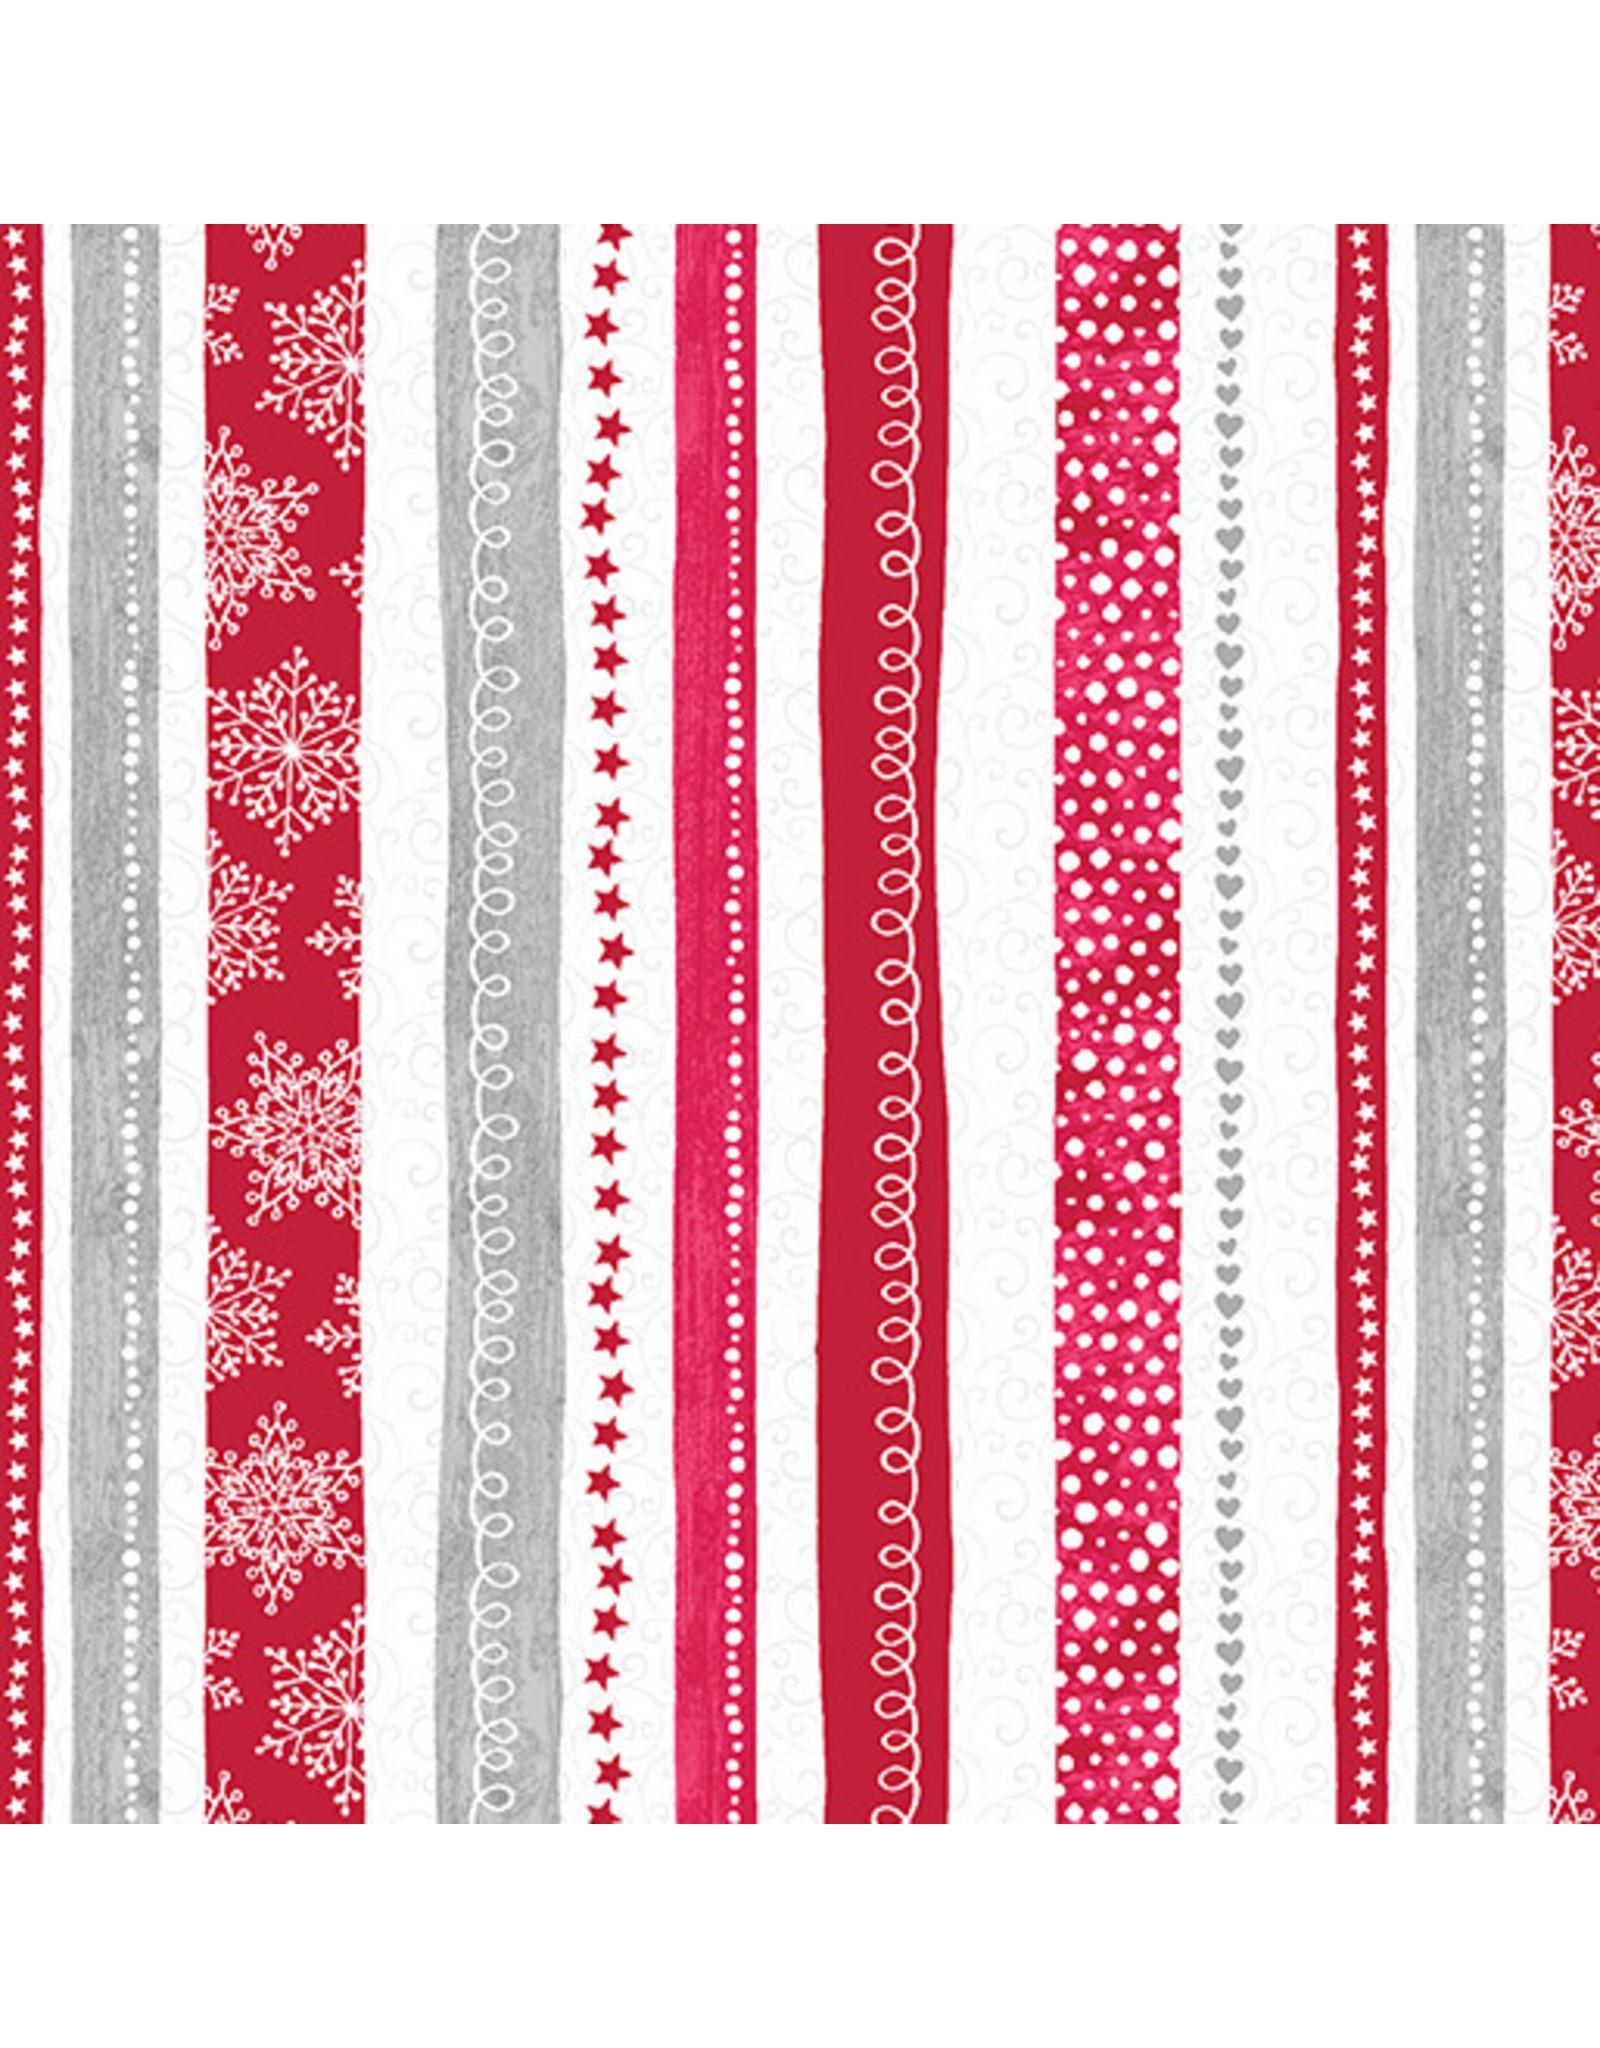 Contempo Hearty the Snowman - Swirl Stripe Red